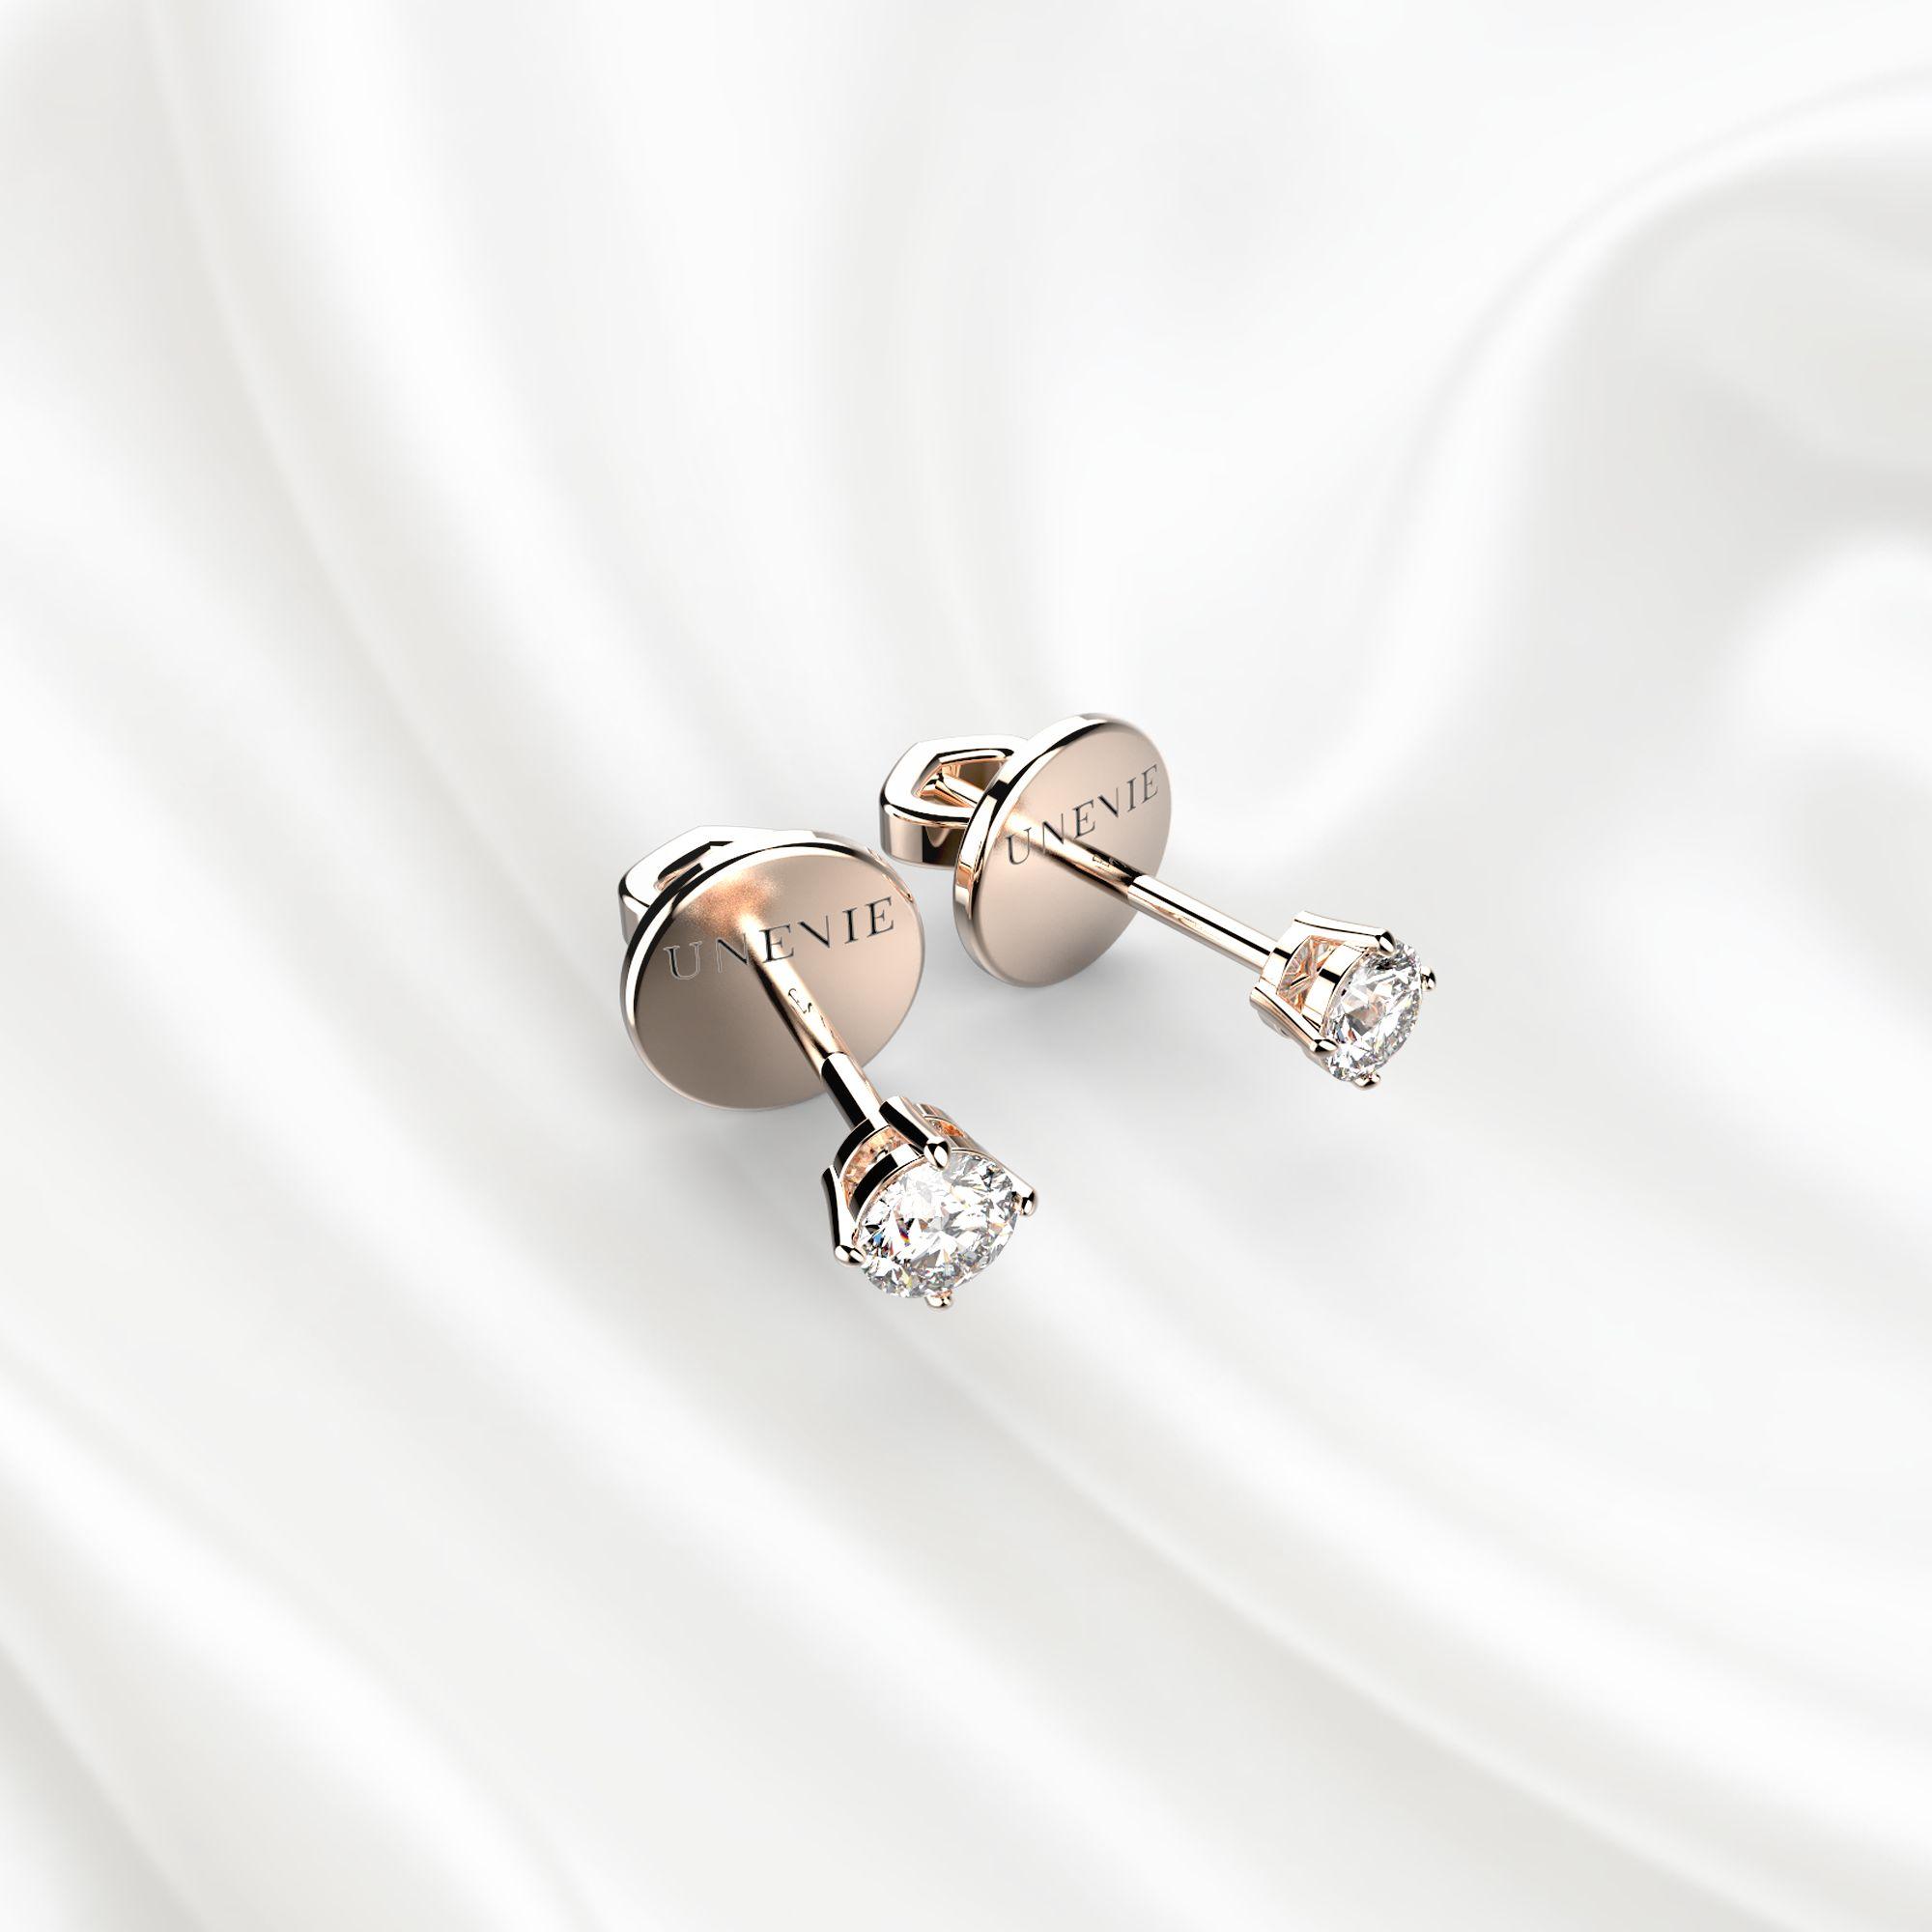 S3 Серьги-пусеты из розового золота с бриллиантами 0.1 карат